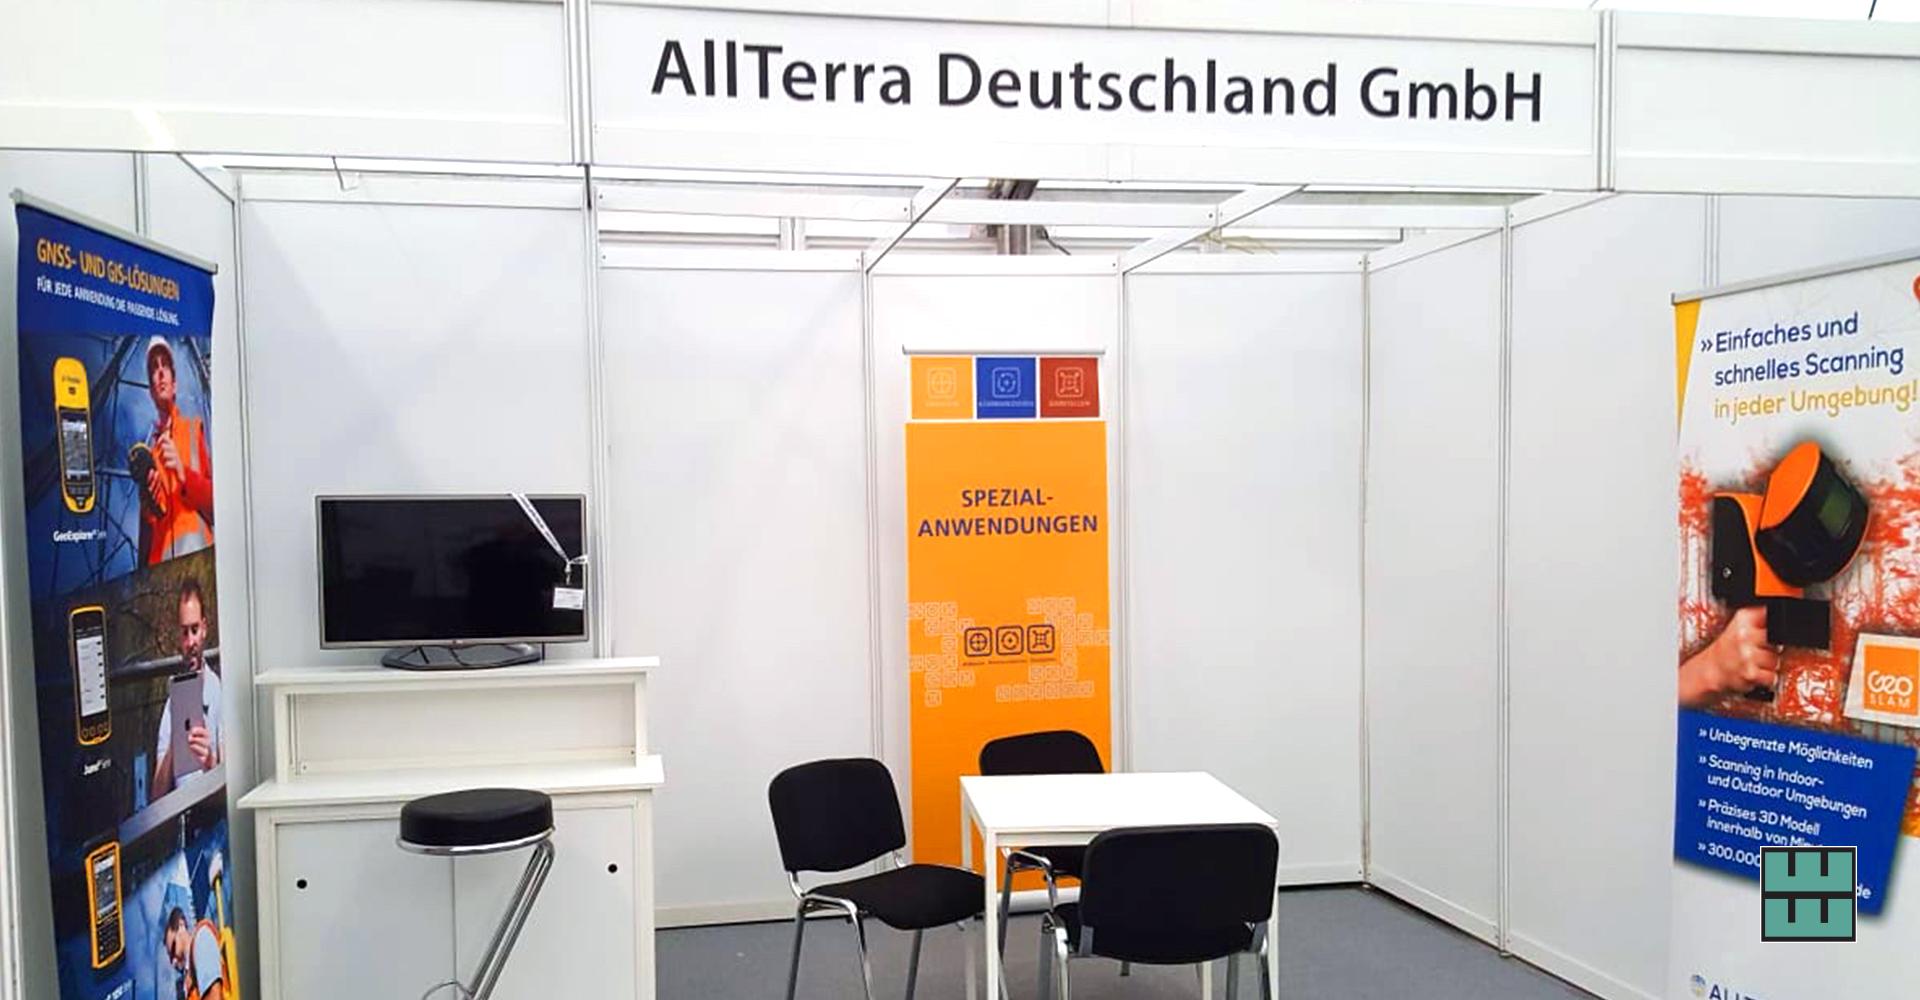 DLG Waldtage 2019 Weber Werbung Mietmöbel Messebau Beschriftungen Lichtenau Westfalen Allterra